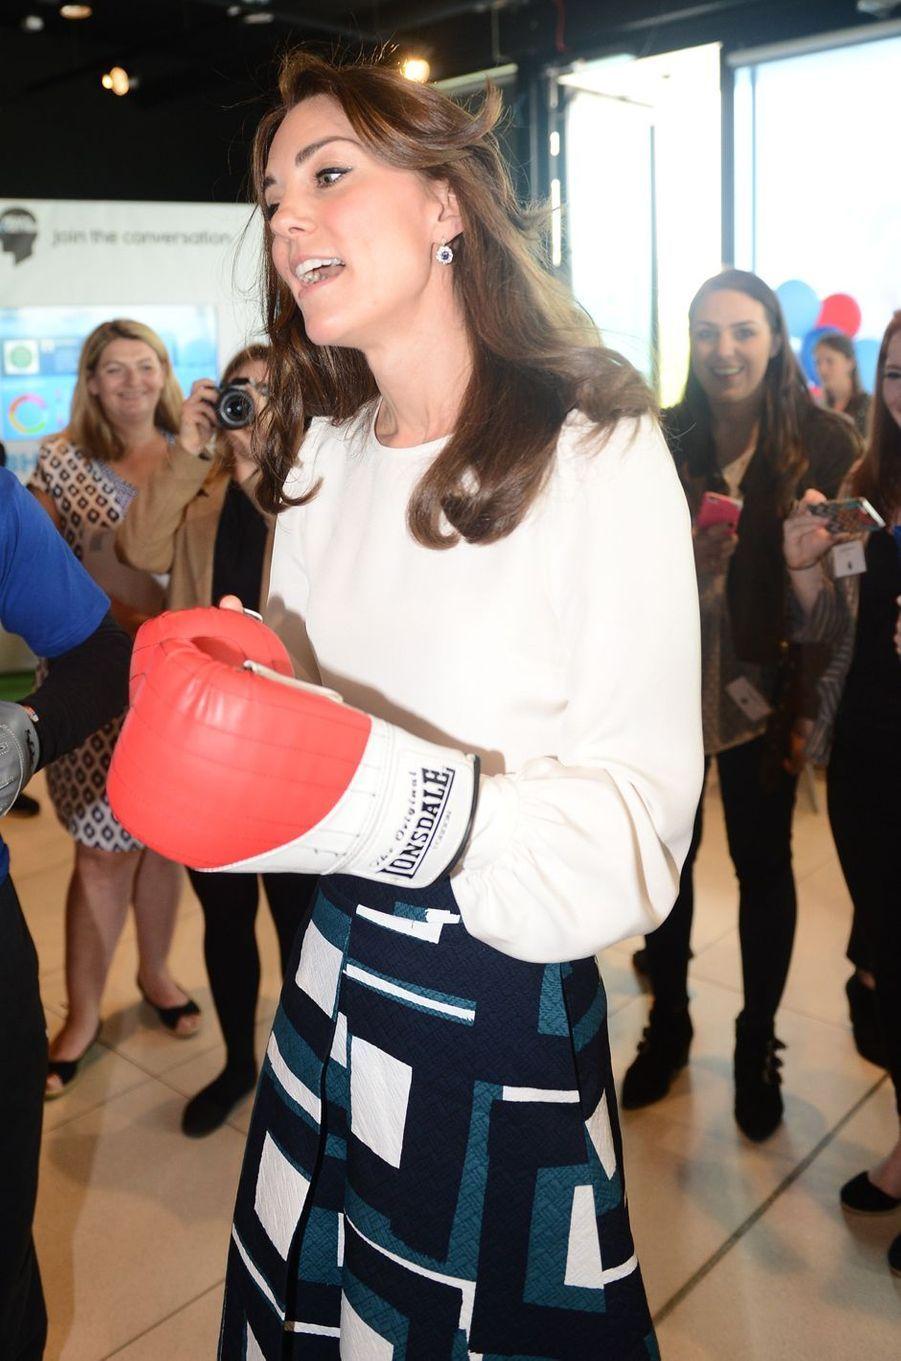 Quand il faut frapper fort, elle n'hésite pas. Par ailleurs très élégante, la duchesse de Cambridge, née Kate Middleton, a enfilé ce lundi 16 mai des gants de boxe pour mieux faire passer son message.